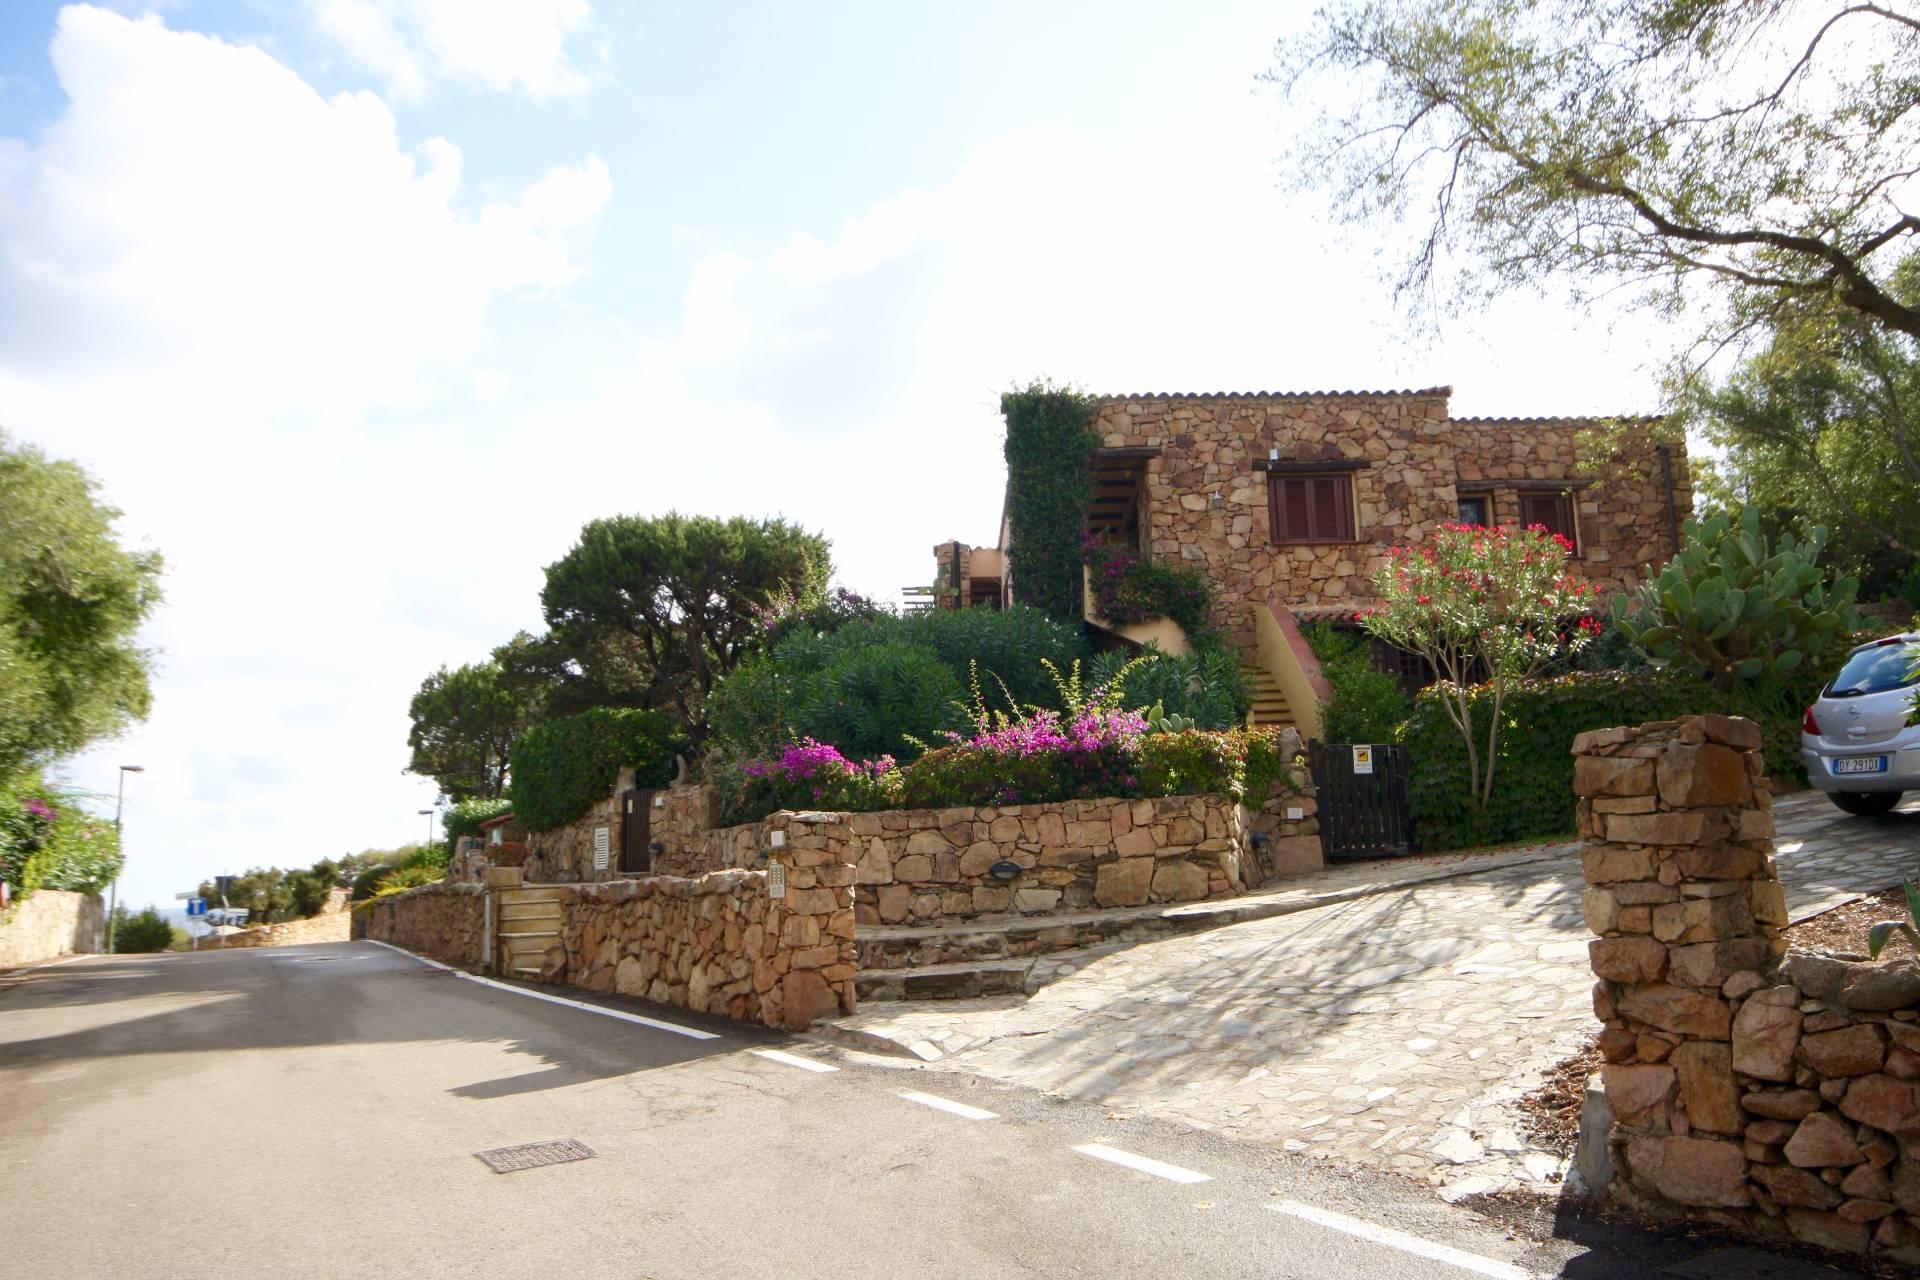 Appartamento in vendita a Olbia - Porto Rotondo, 5 locali, zona Località: PortoRotondo, prezzo € 650.000 | CambioCasa.it